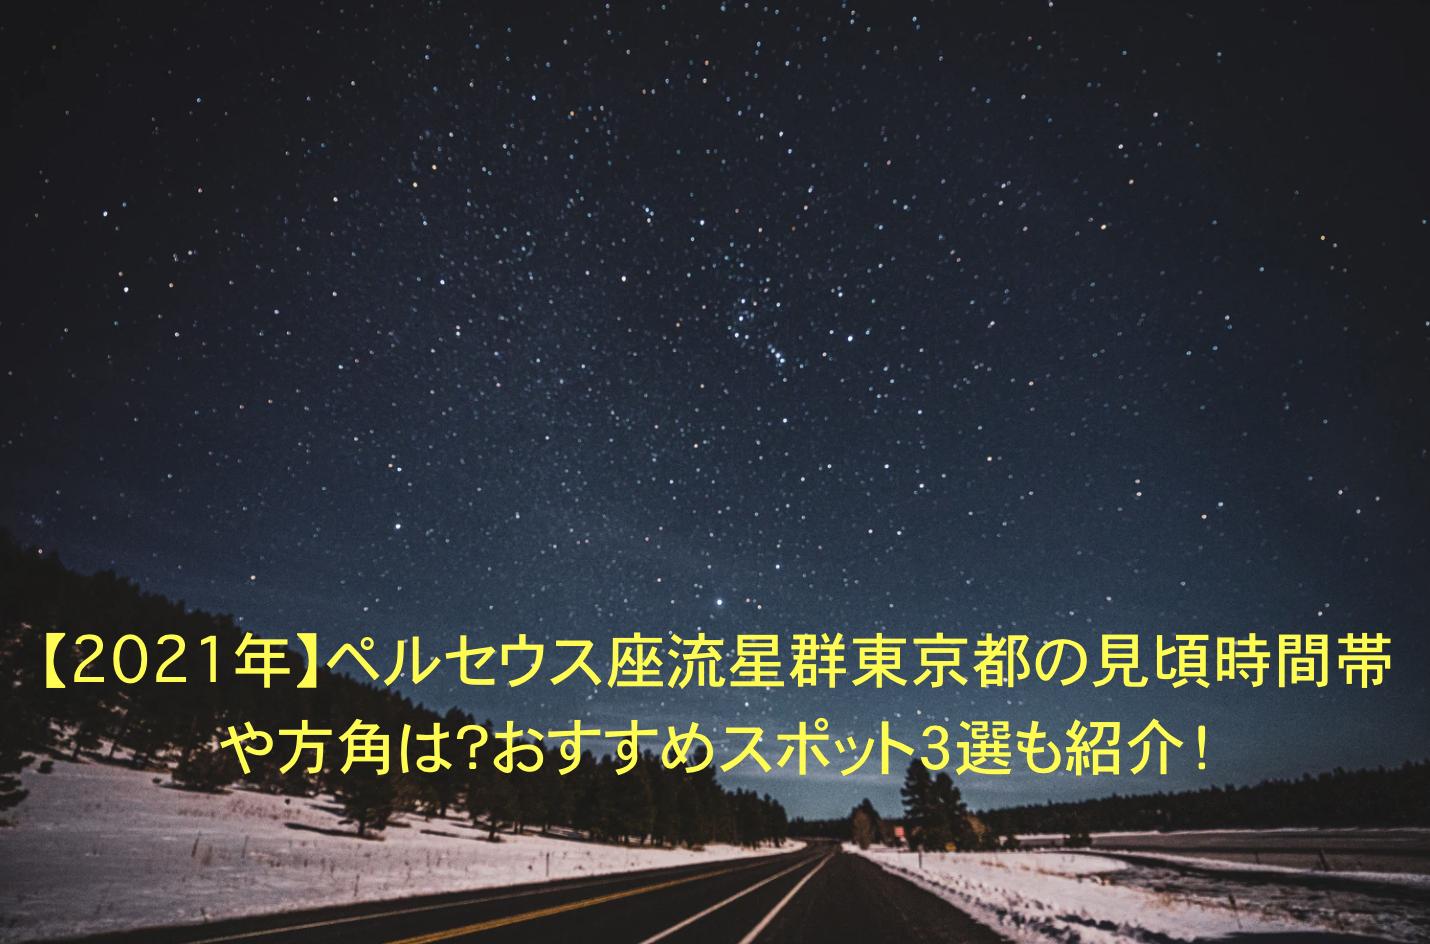 ペルセウス座流星群 東京 見頃時間帯 方角 おすすめスポット